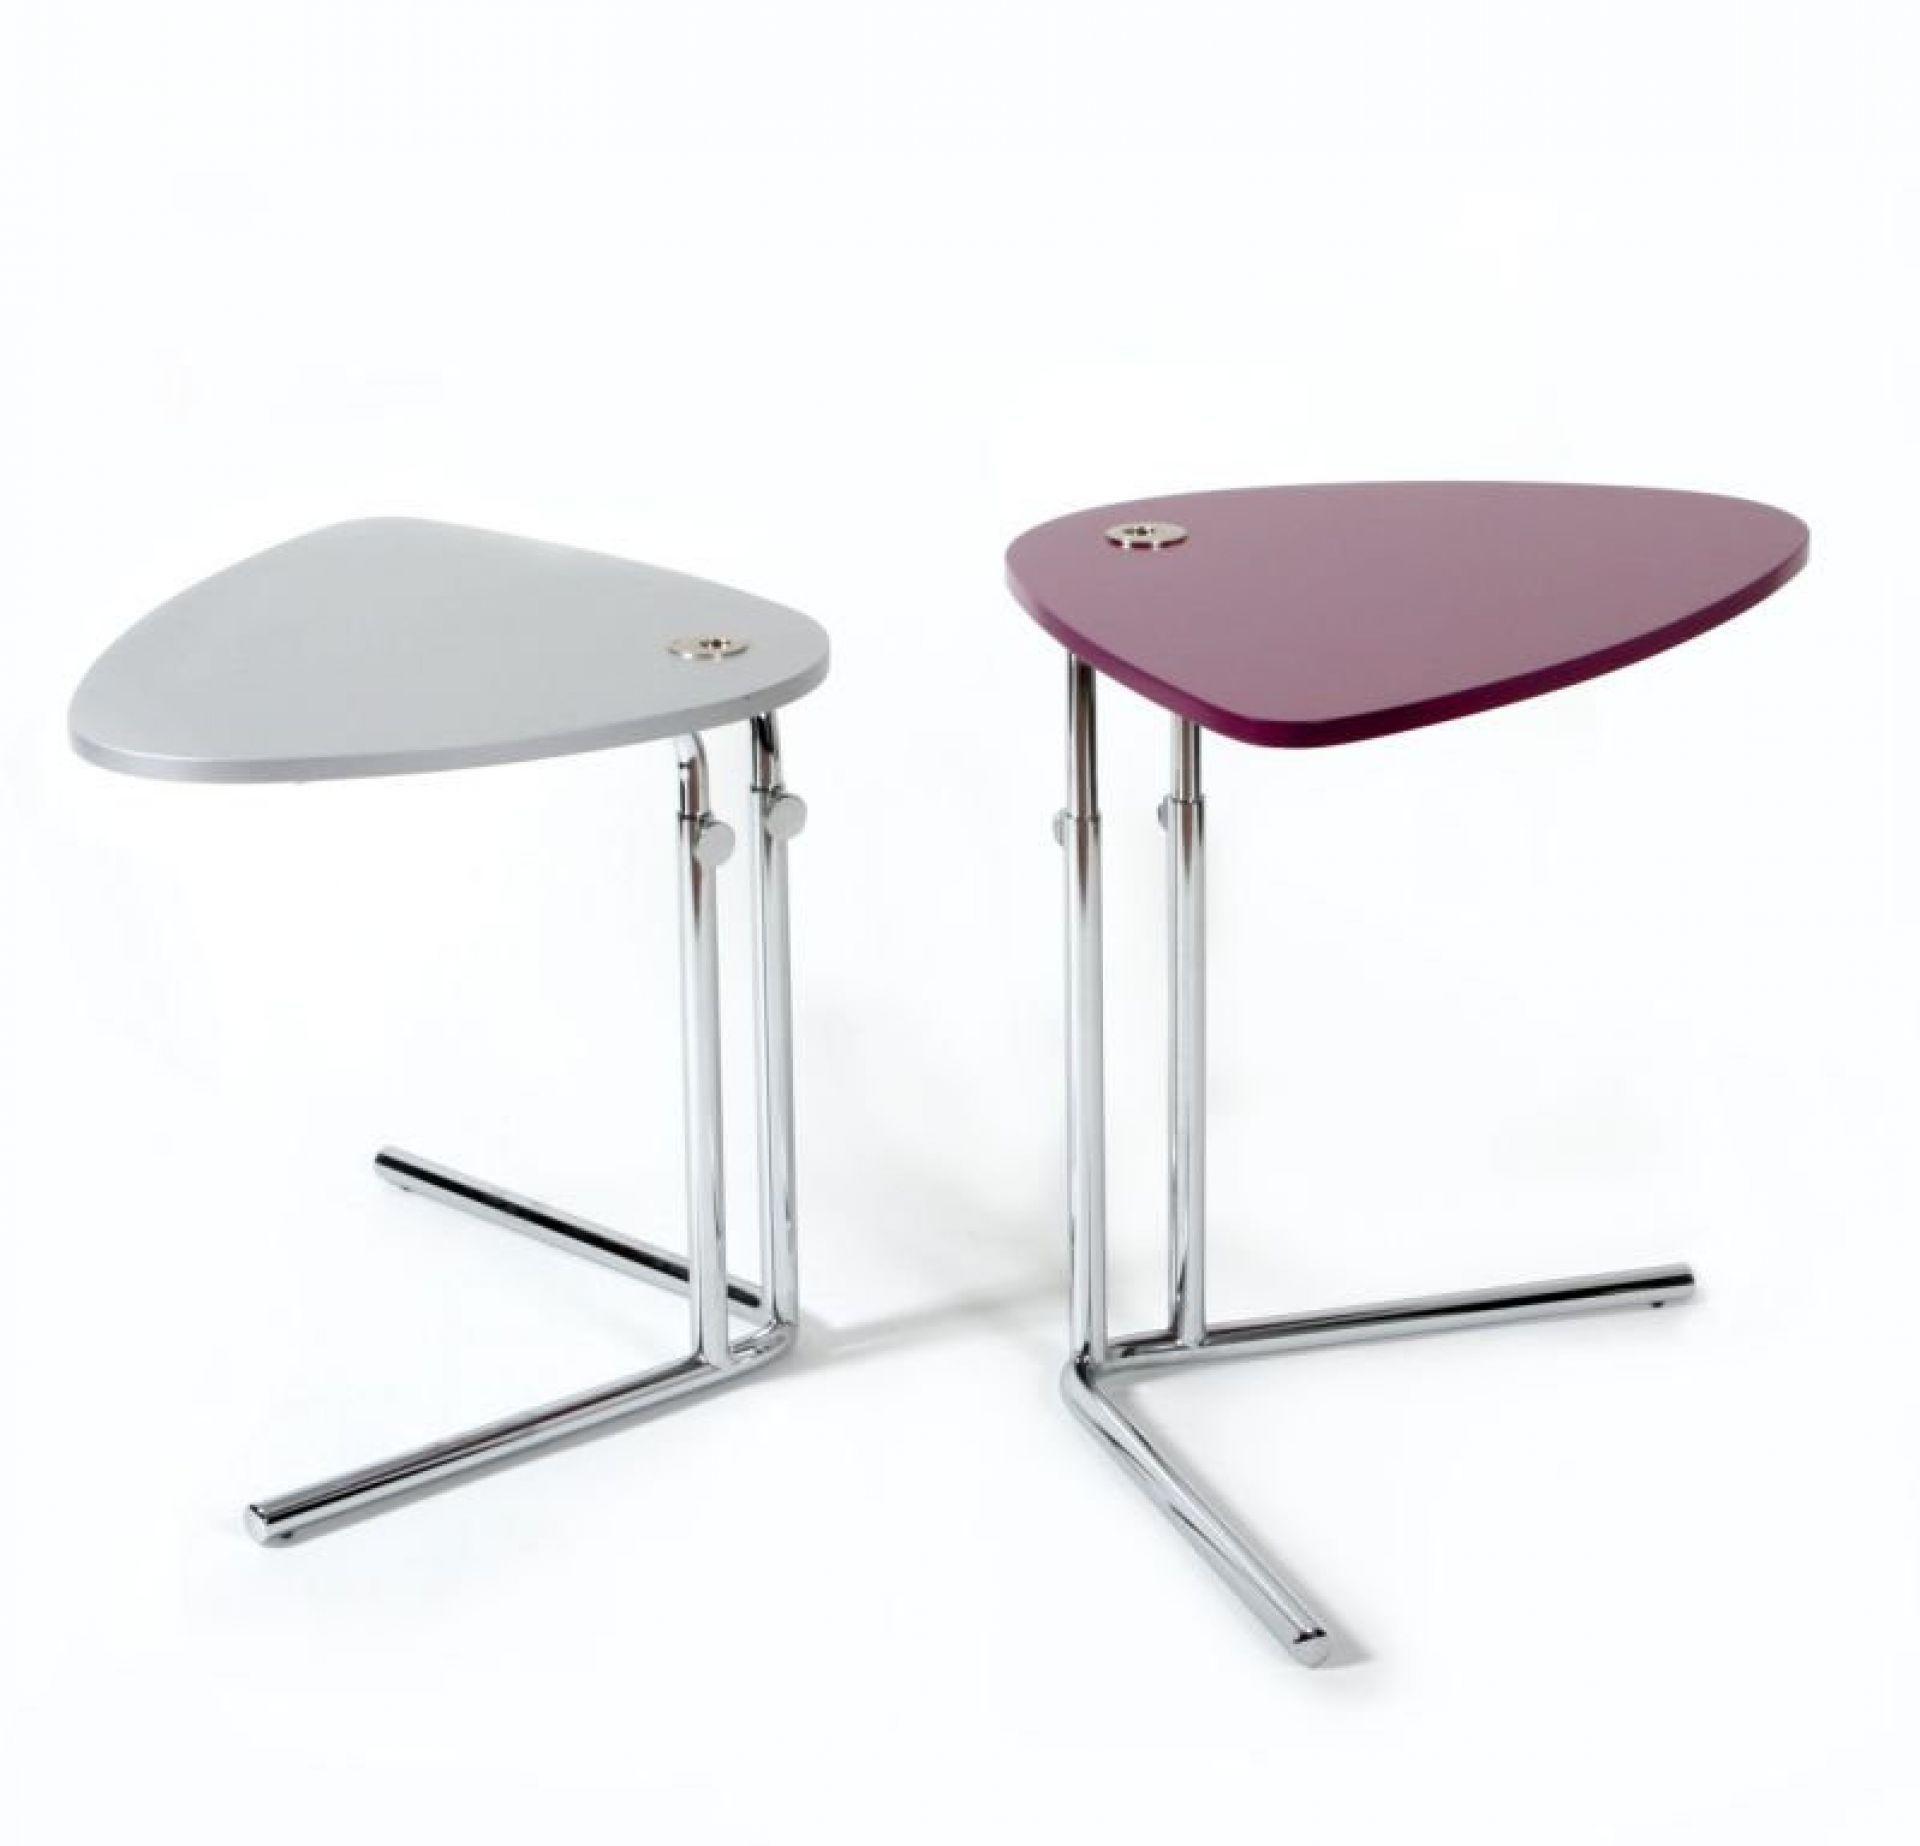 K22 Mobile Tisch Tecta Mobiler Tisch Einrichten Design Tisch